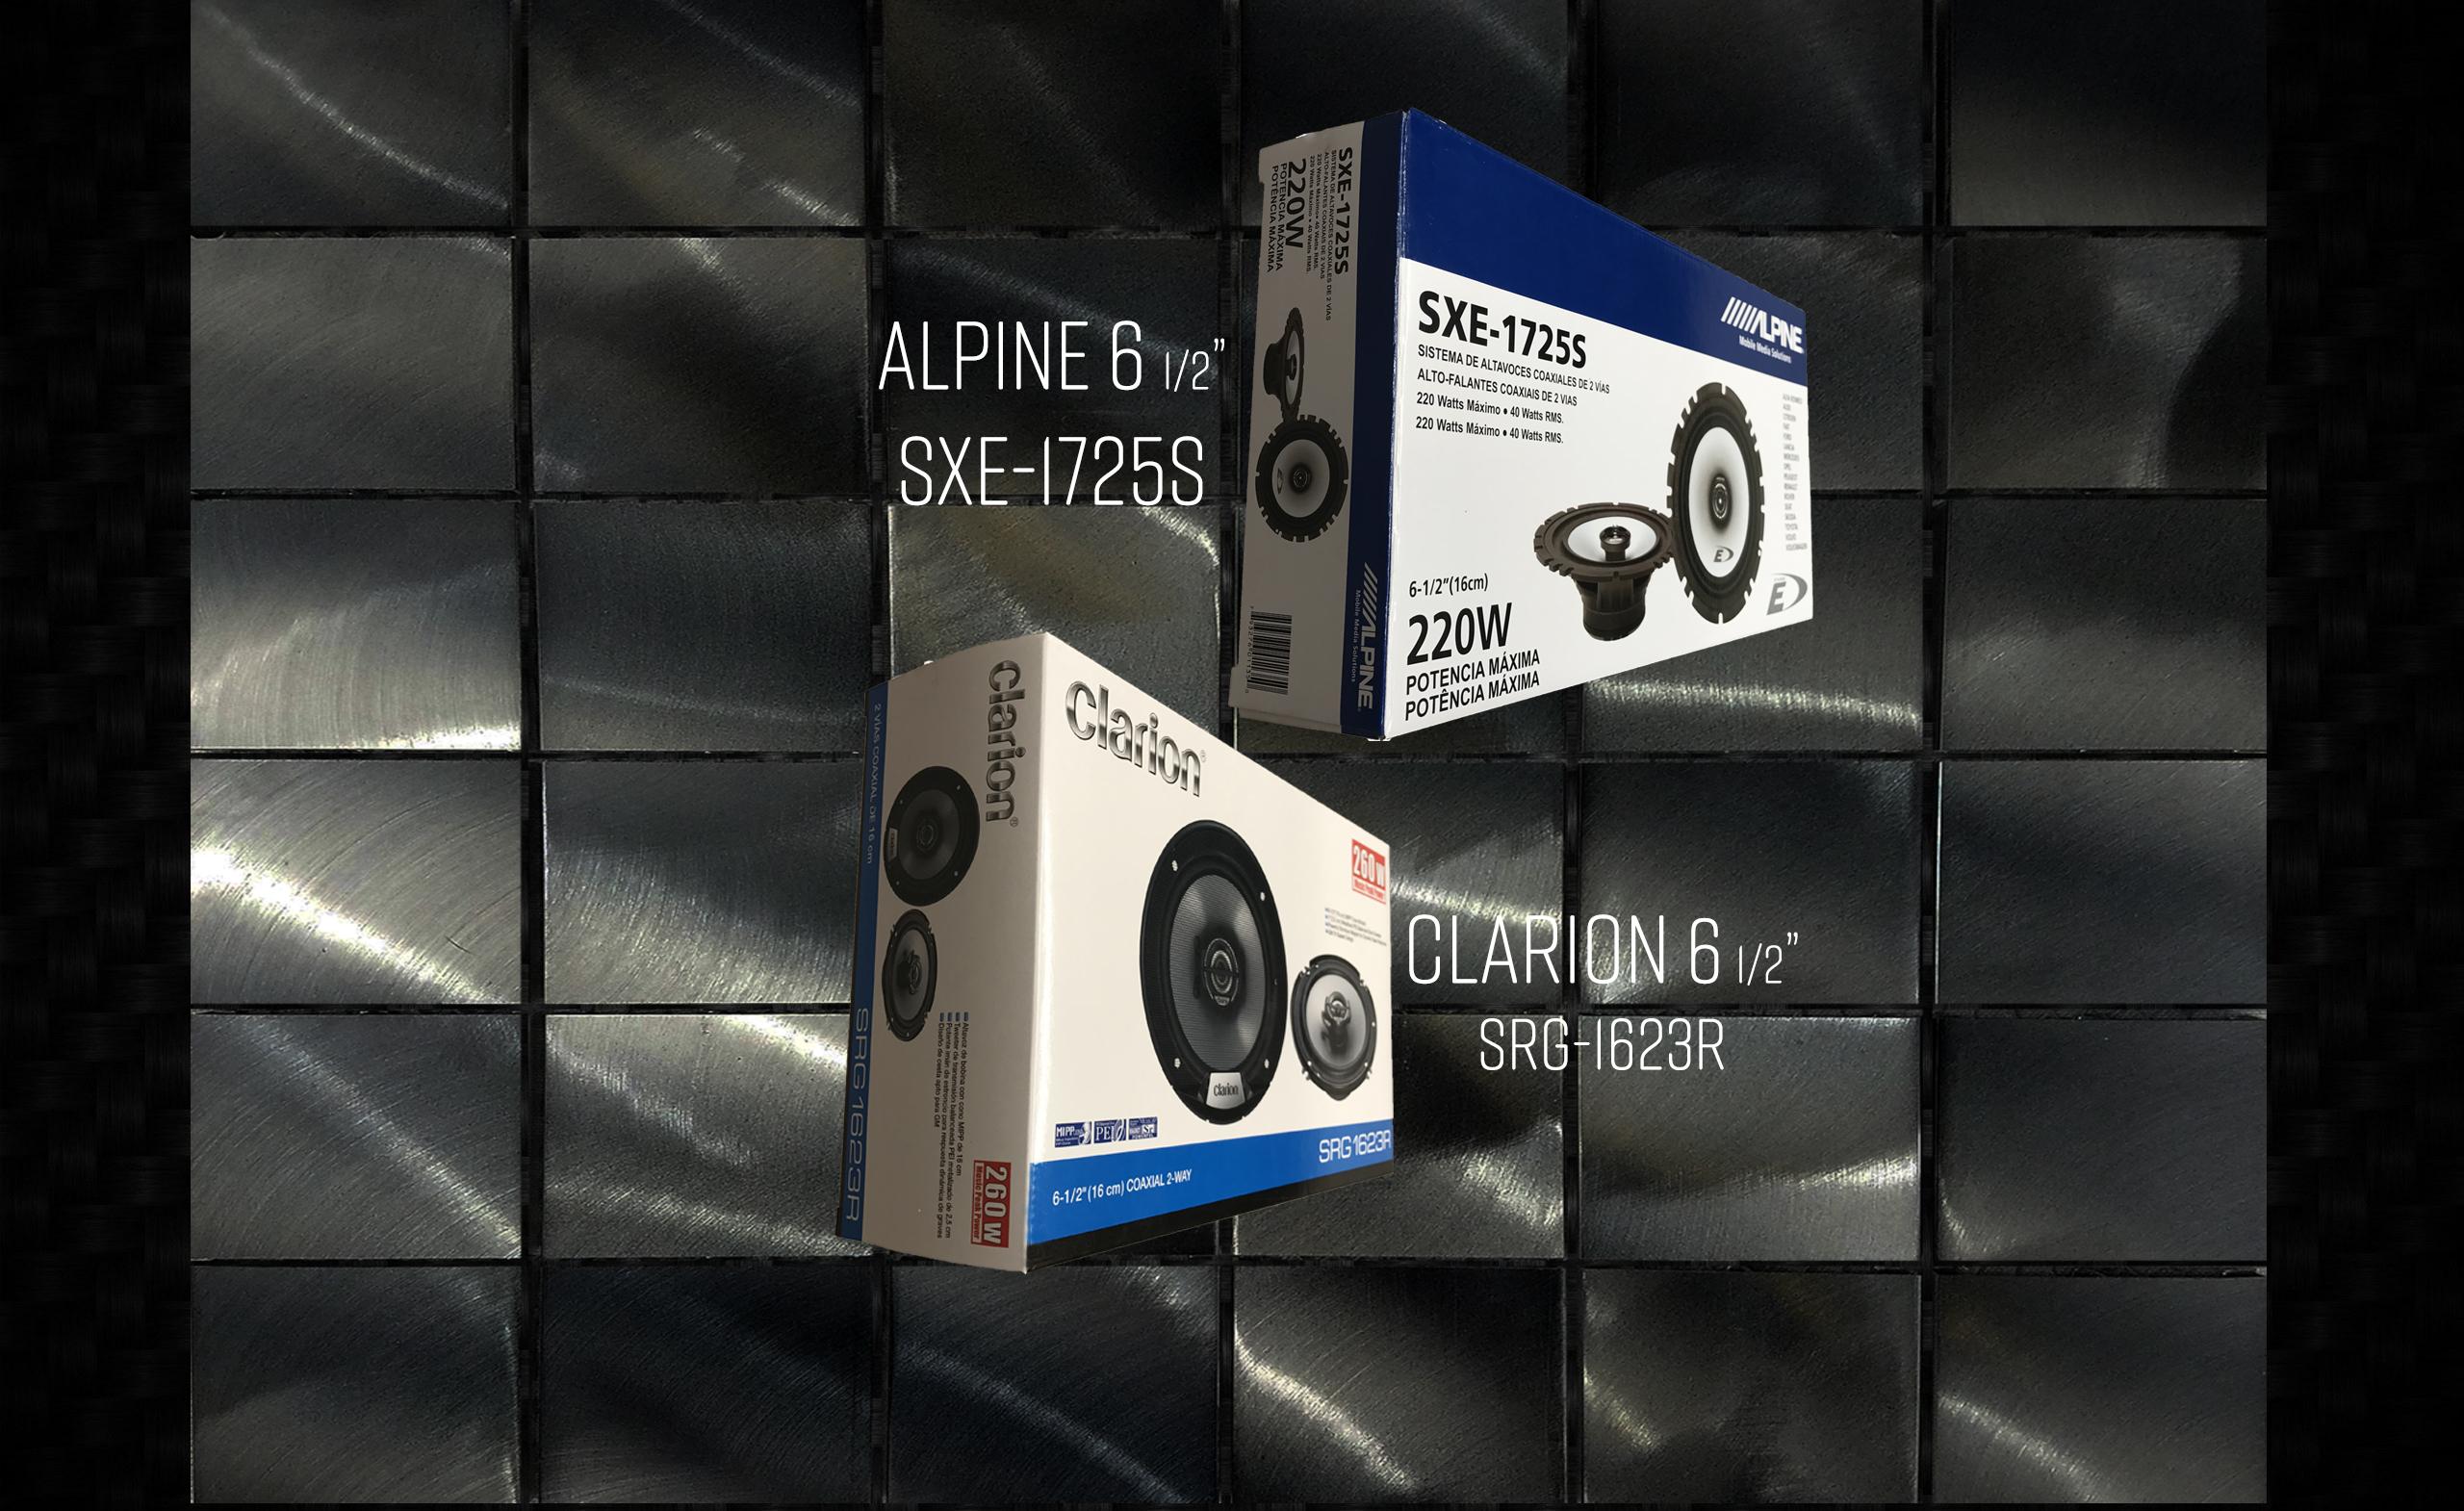 Alpine & Clarion